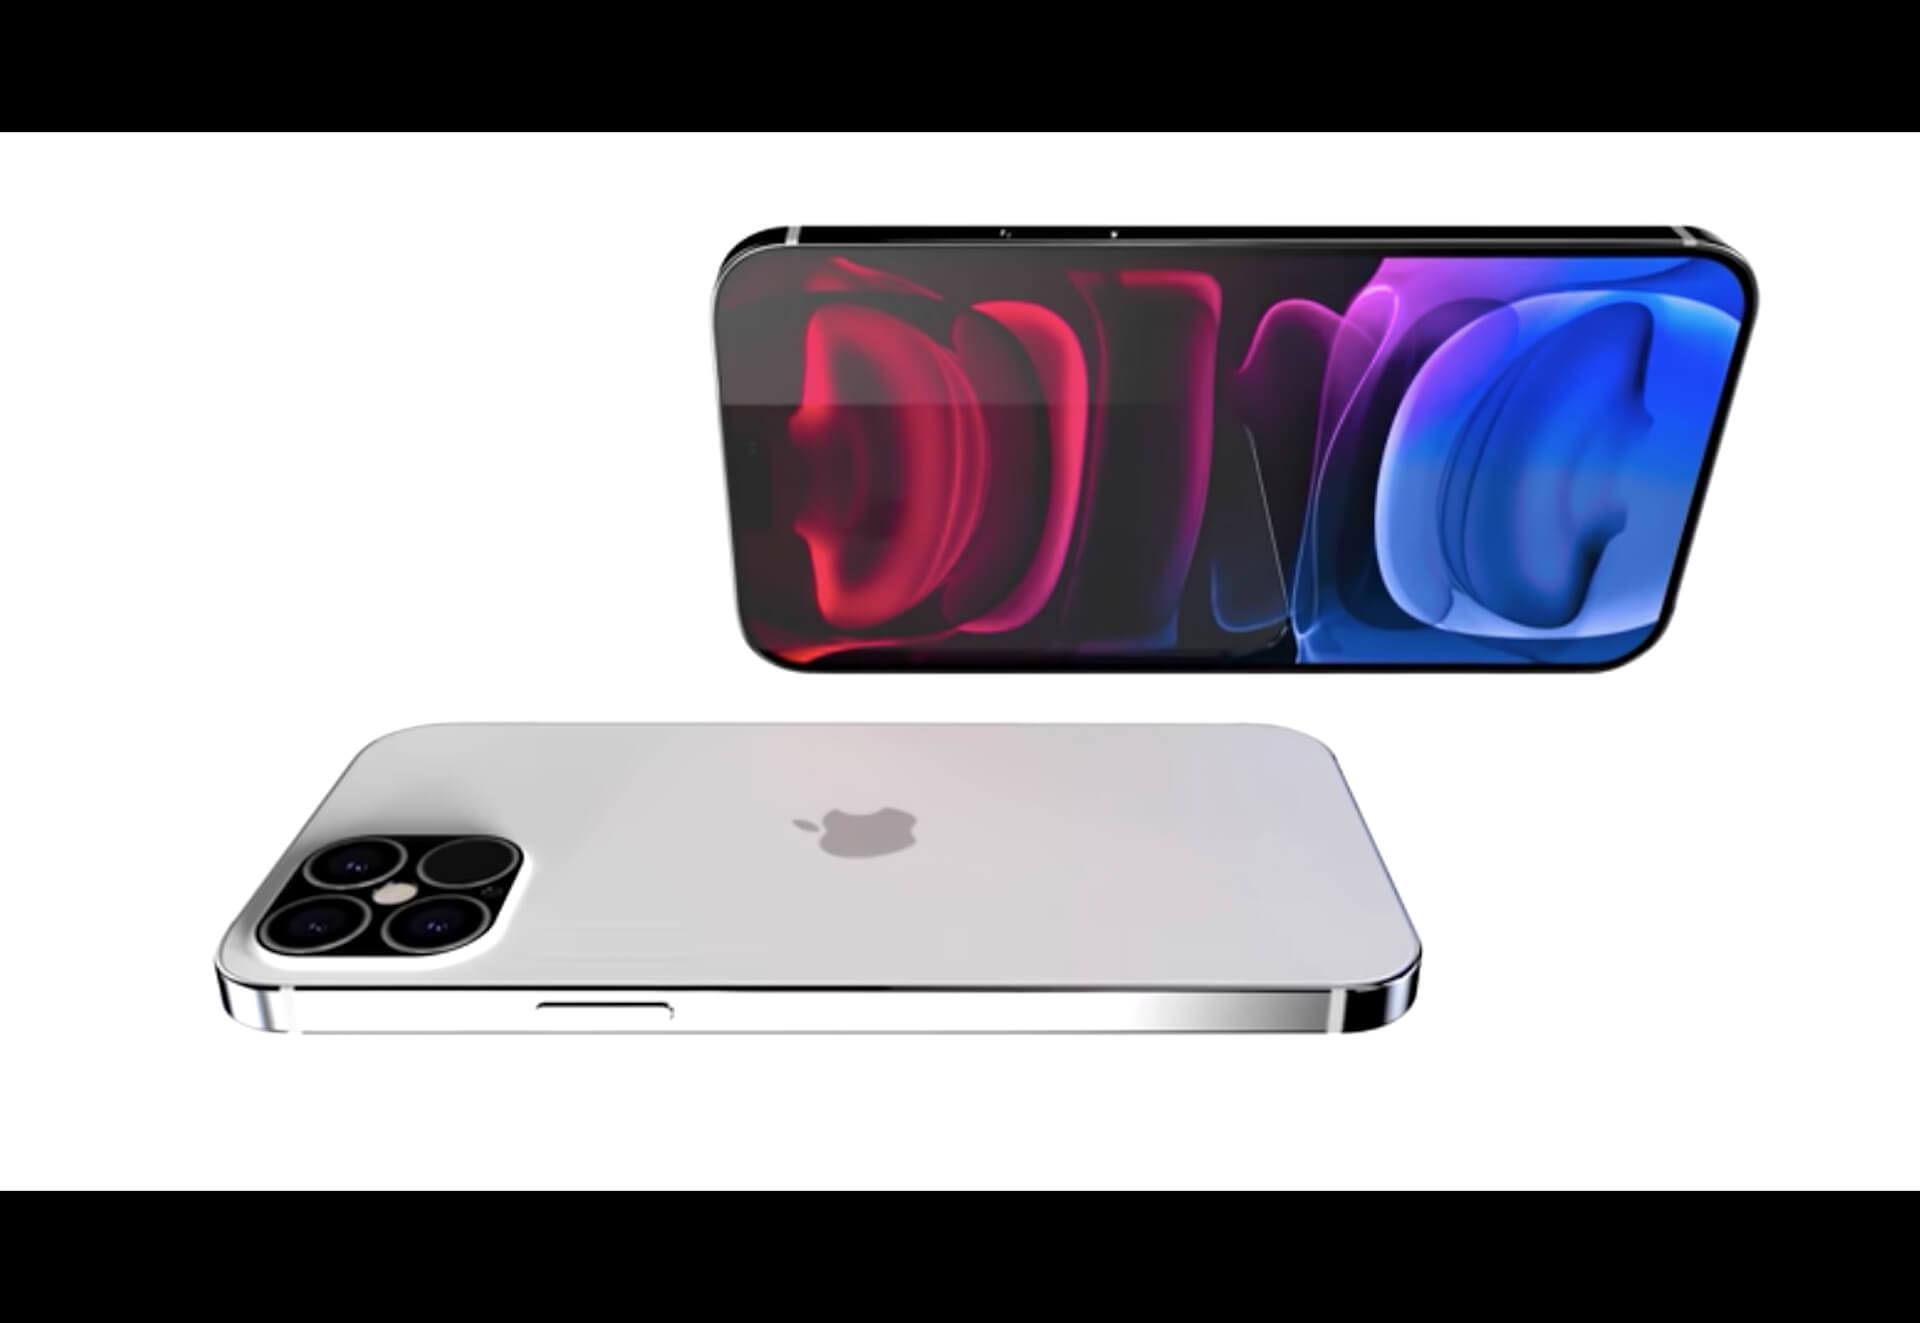 iPhone 12の発表はやはり10月まで遅れる?新型コロナウイルスの影響か tech200521_iphone12_main-1